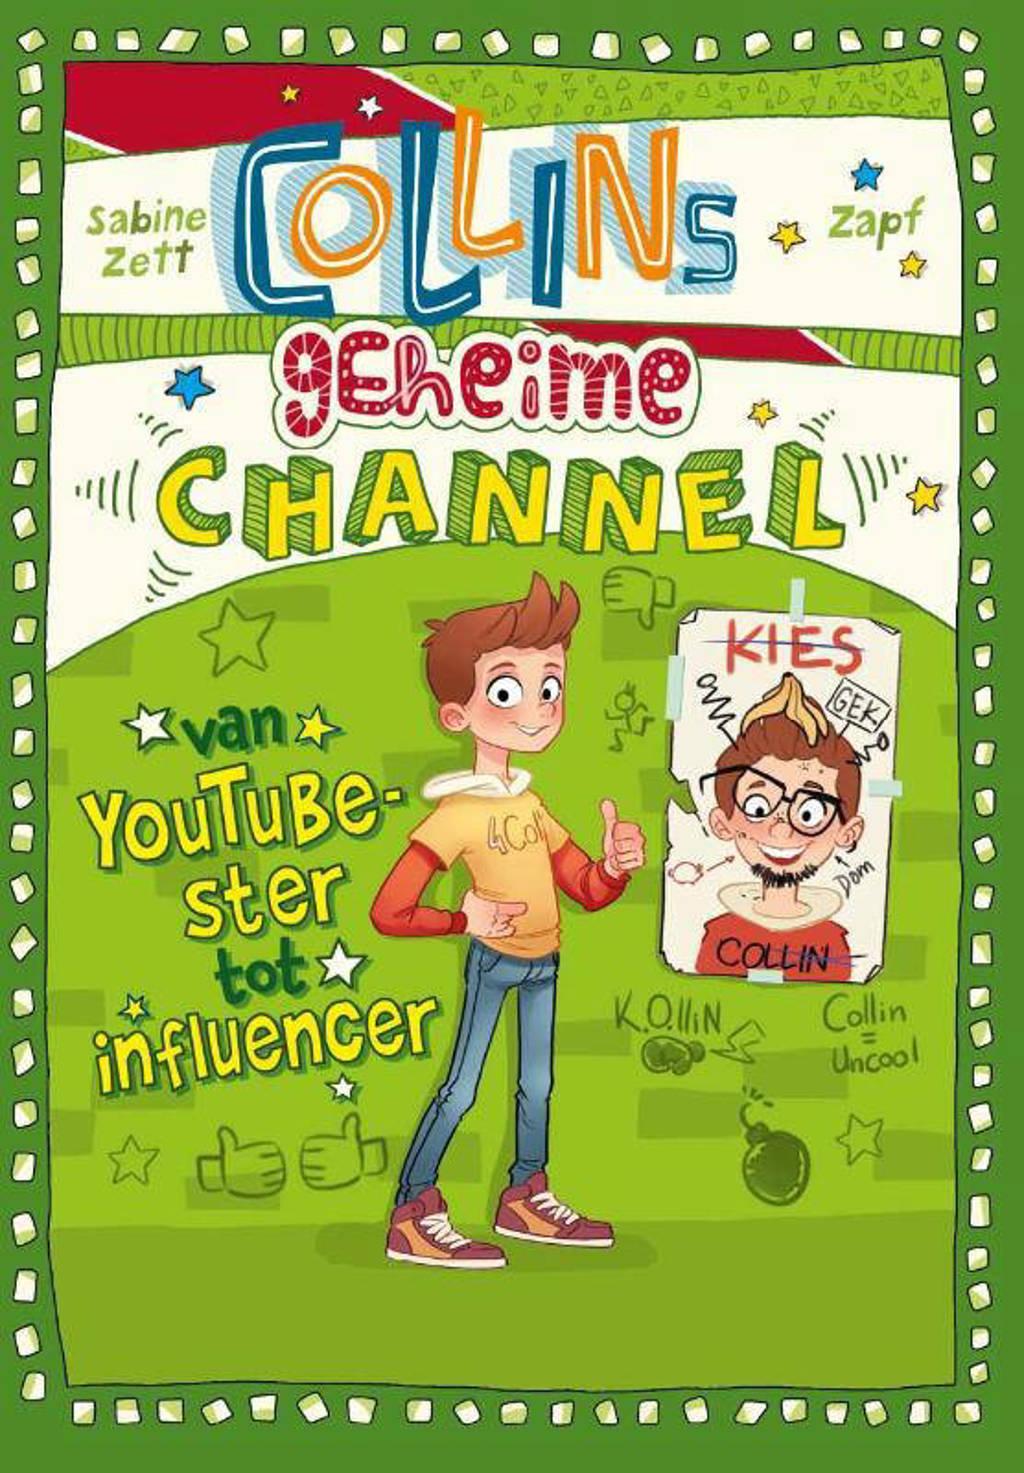 Collins geheime channel - Sabine Zett